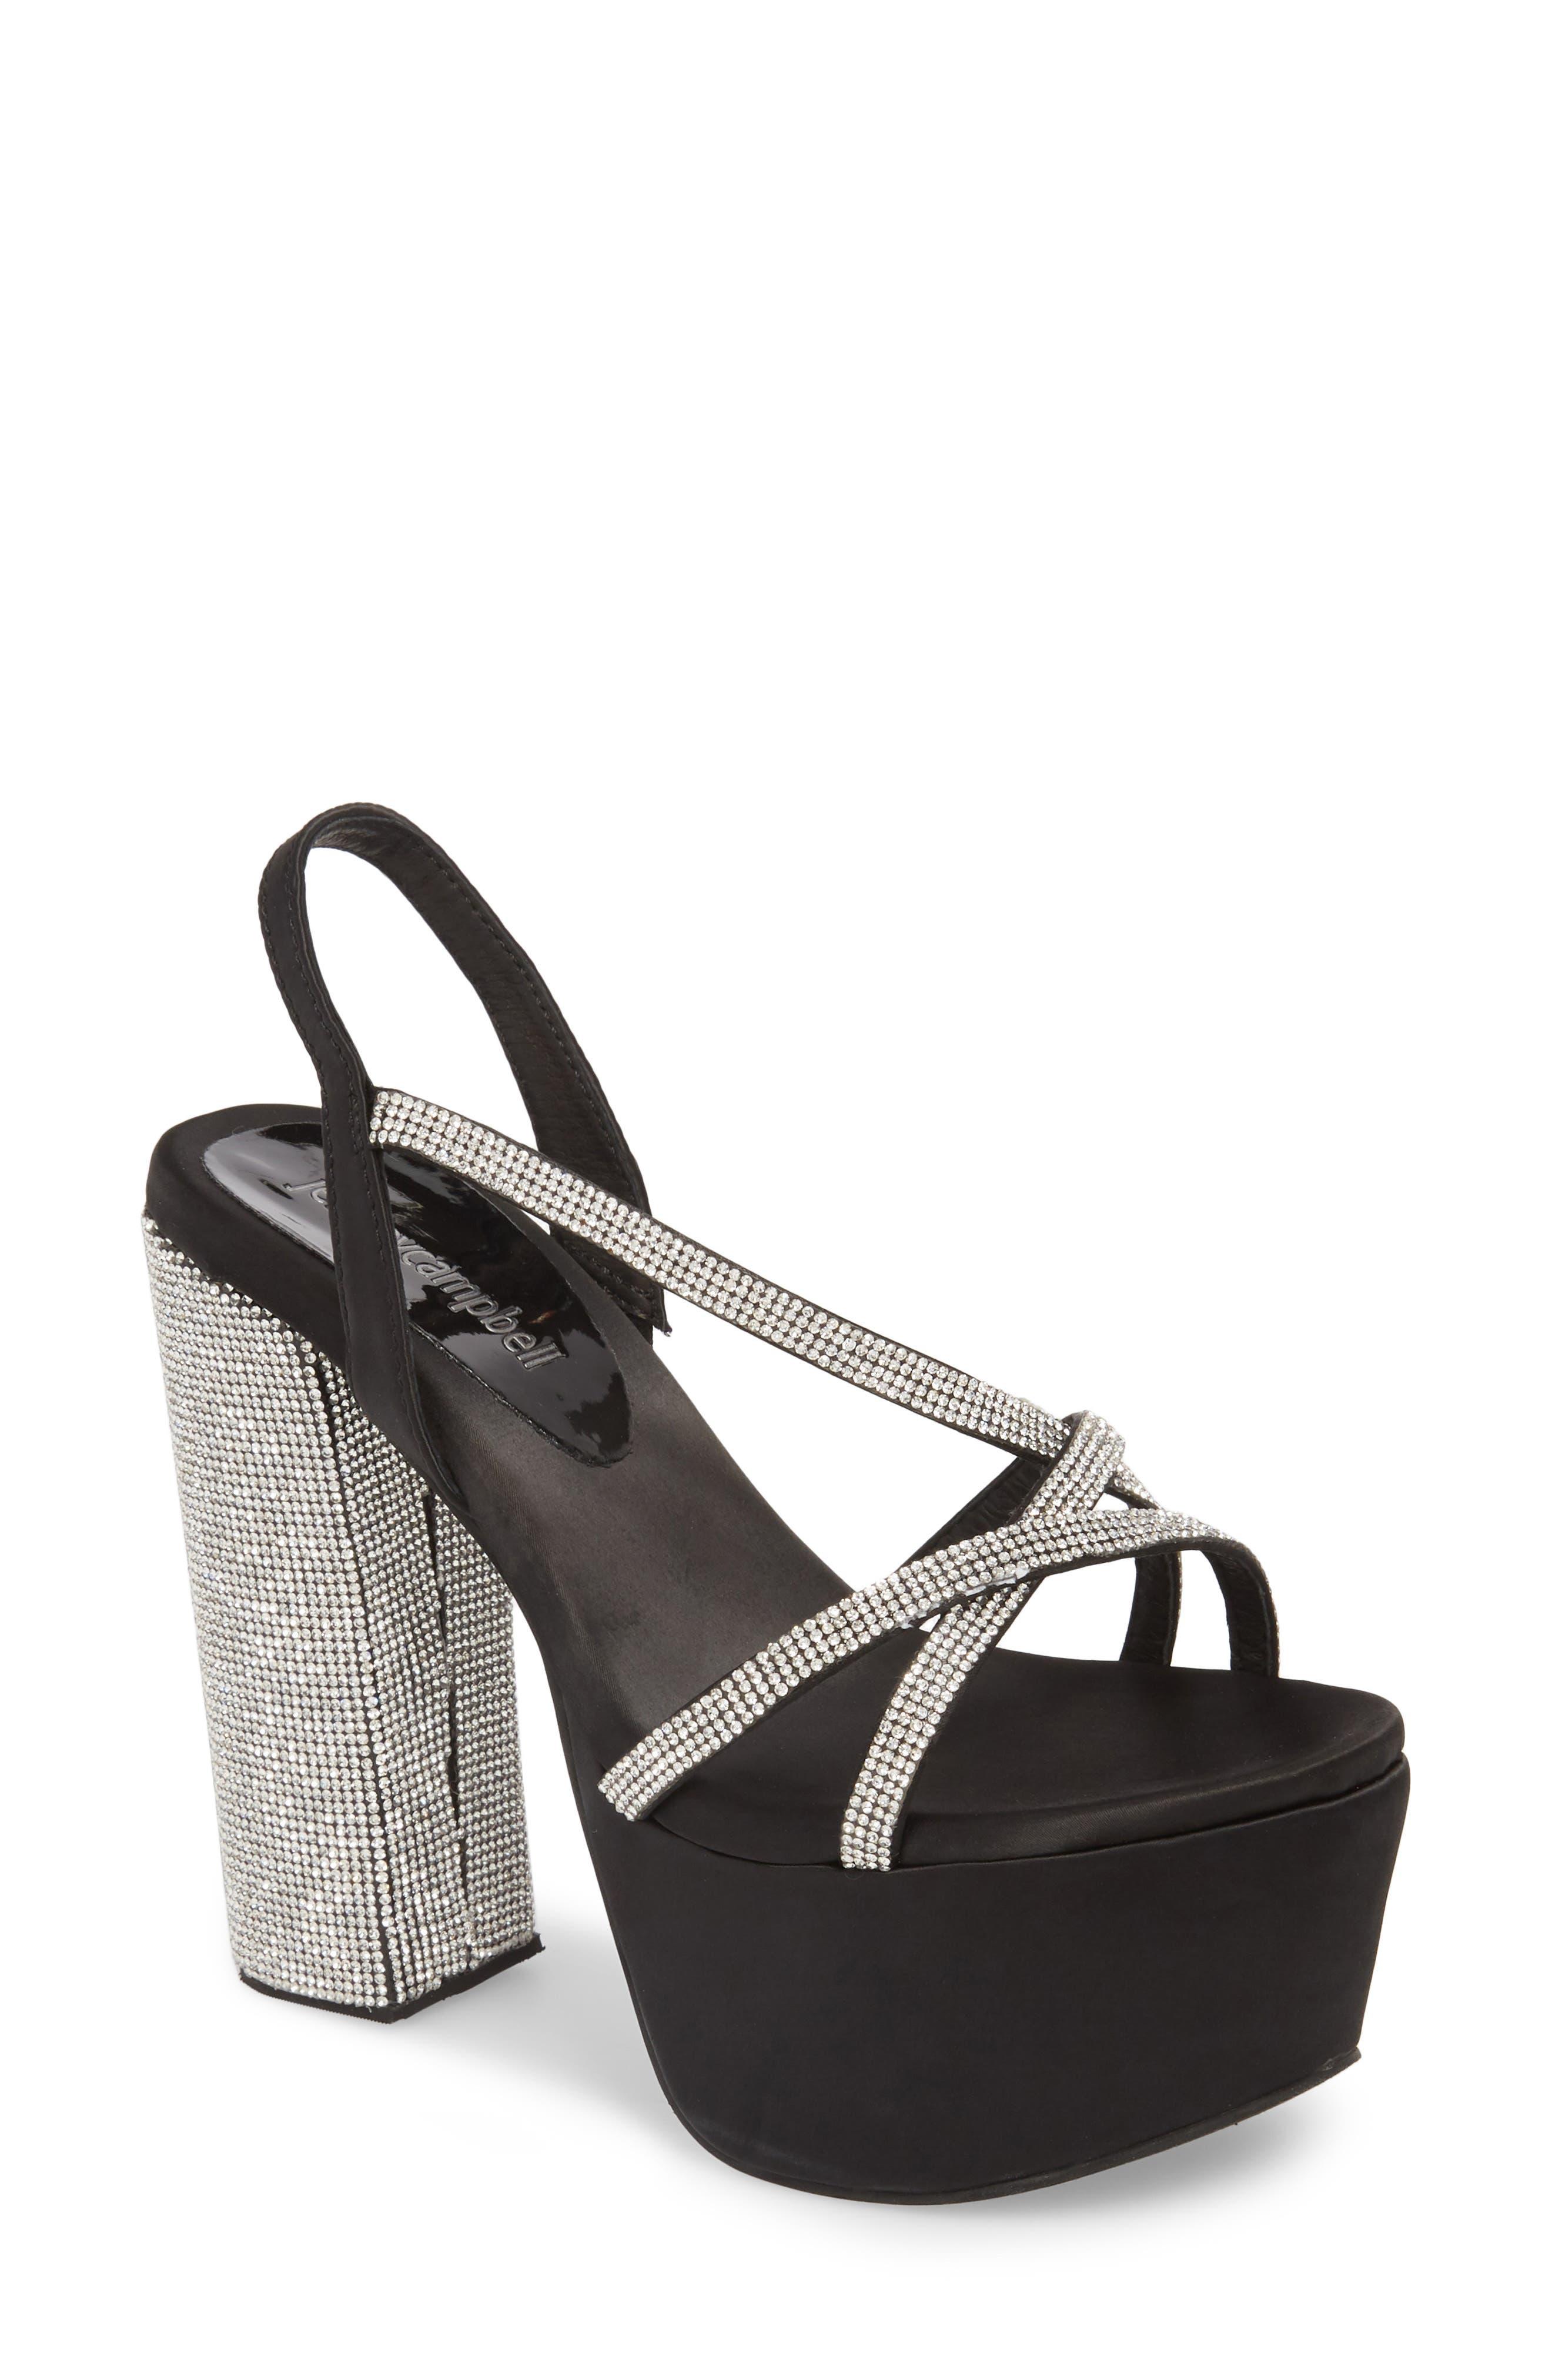 Upset Embellished Platform Sandal,                             Main thumbnail 1, color,                             Black Satin/ Silver